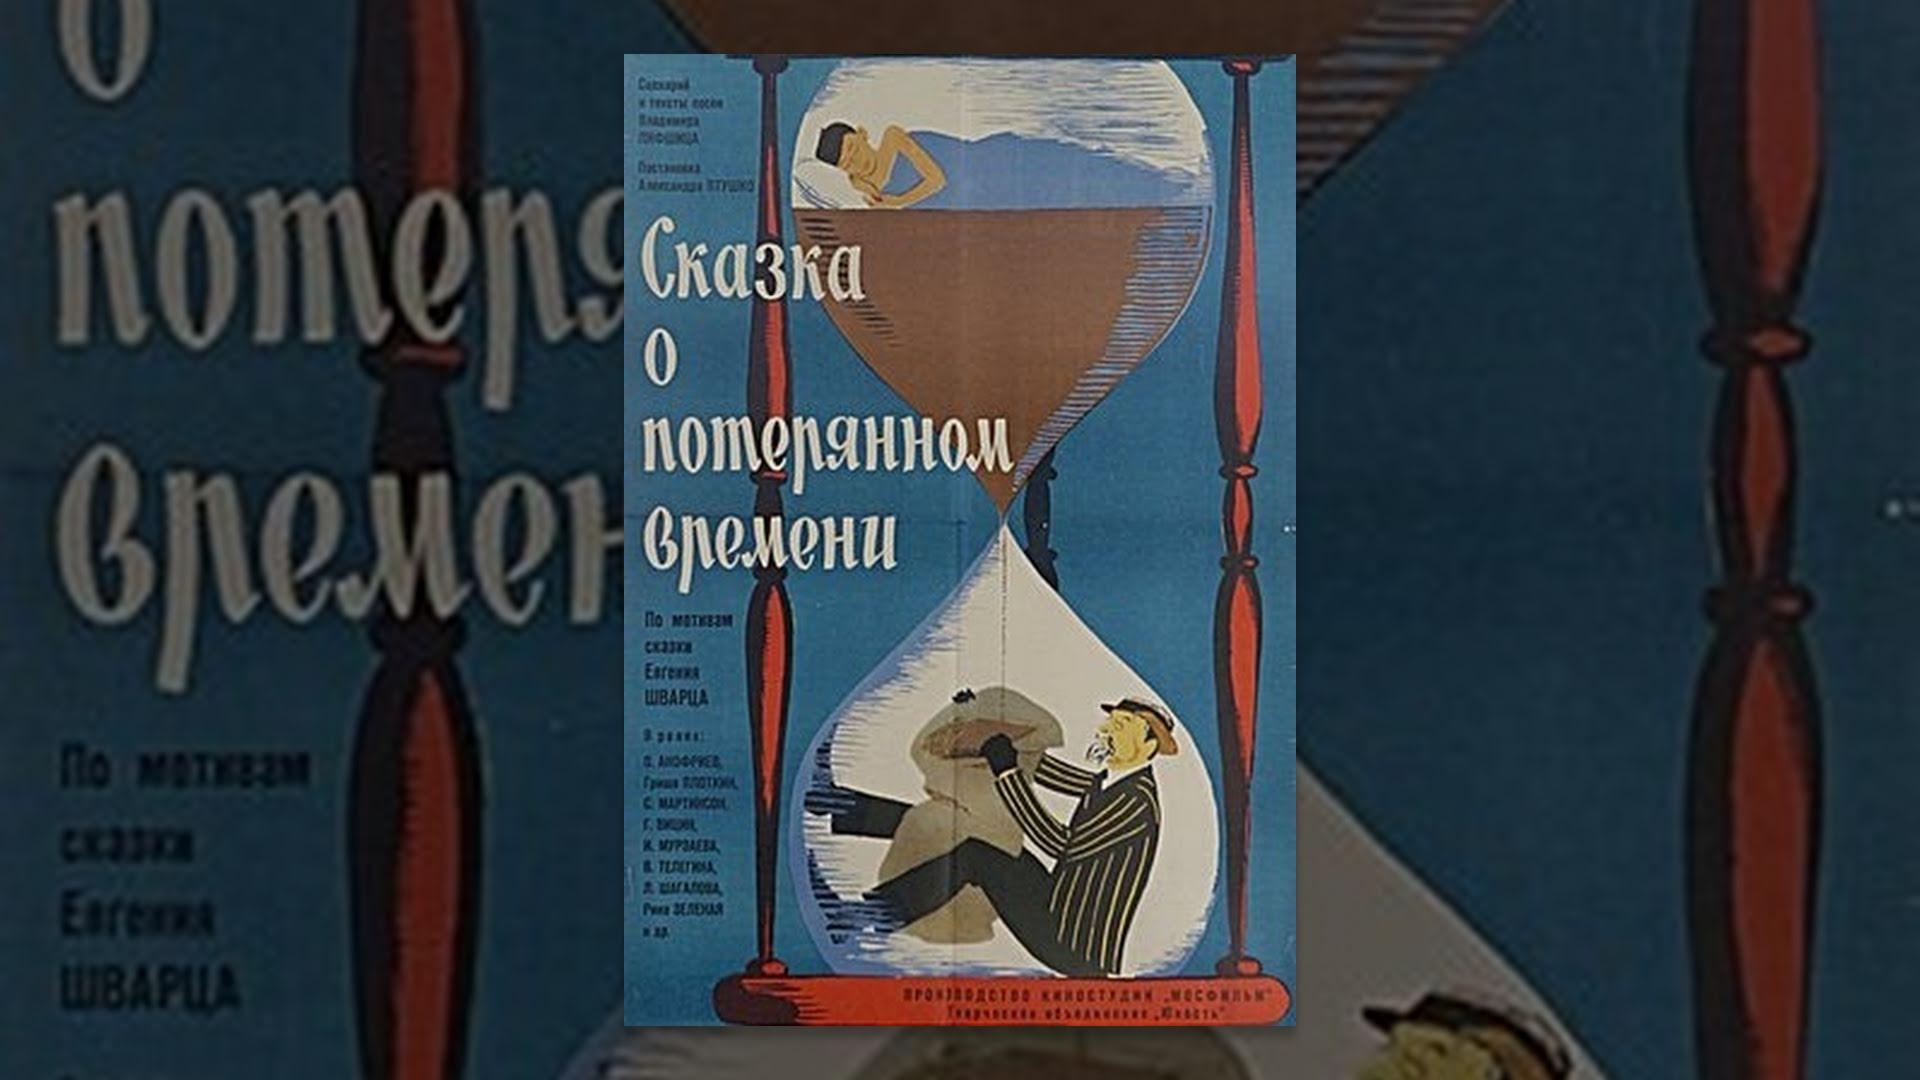 Основном наше милая пони мультики по русски рада Вас видеть